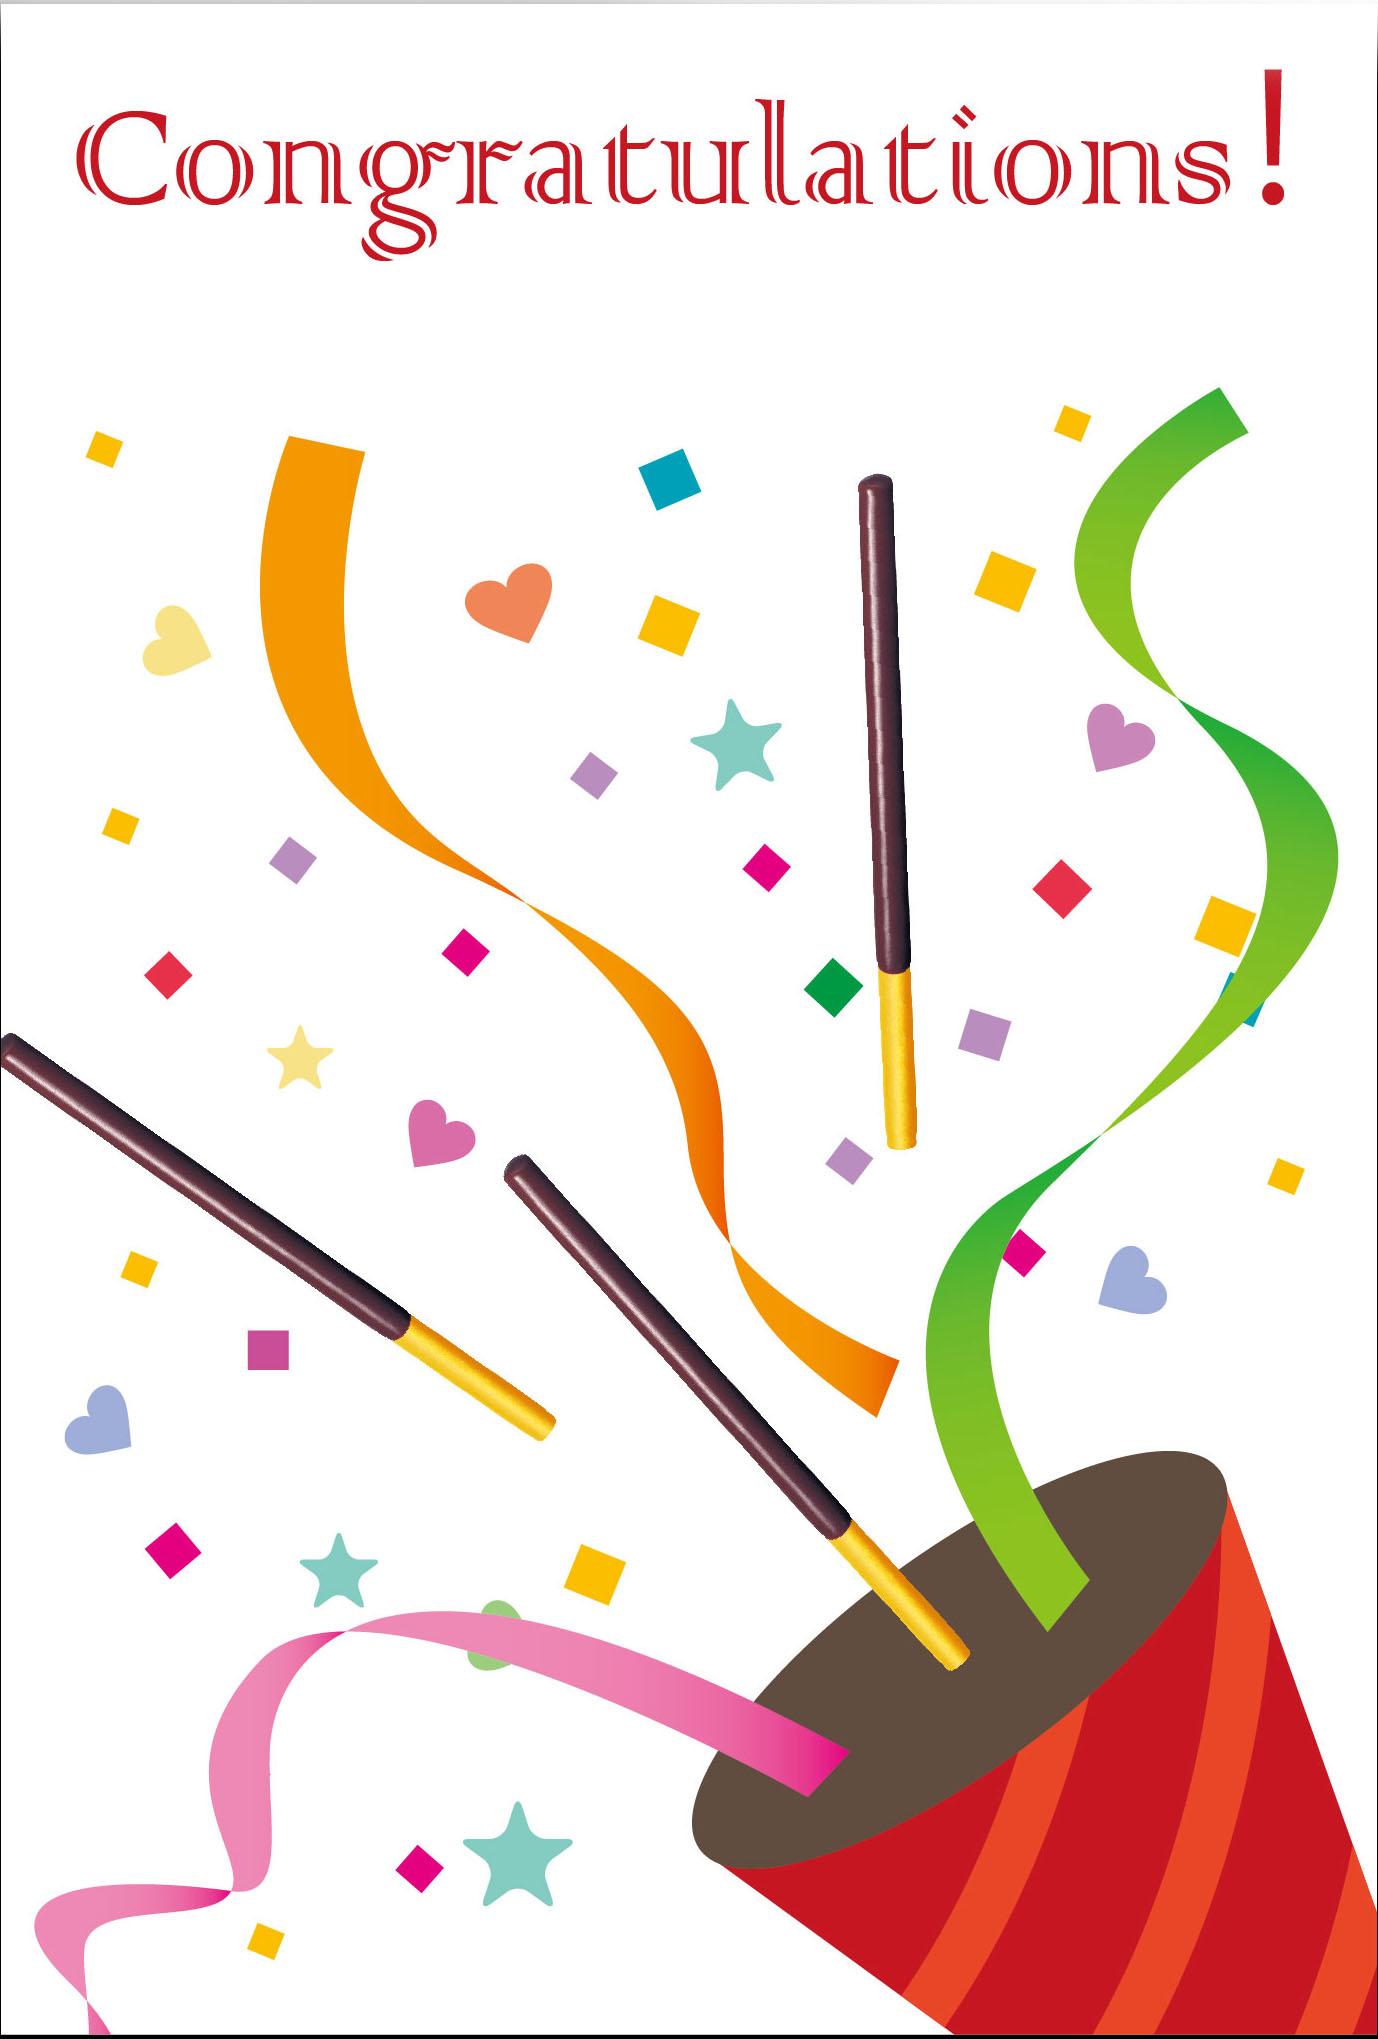 congratulations クラッカー レッド ポッキーオリジナルシェアハピネス